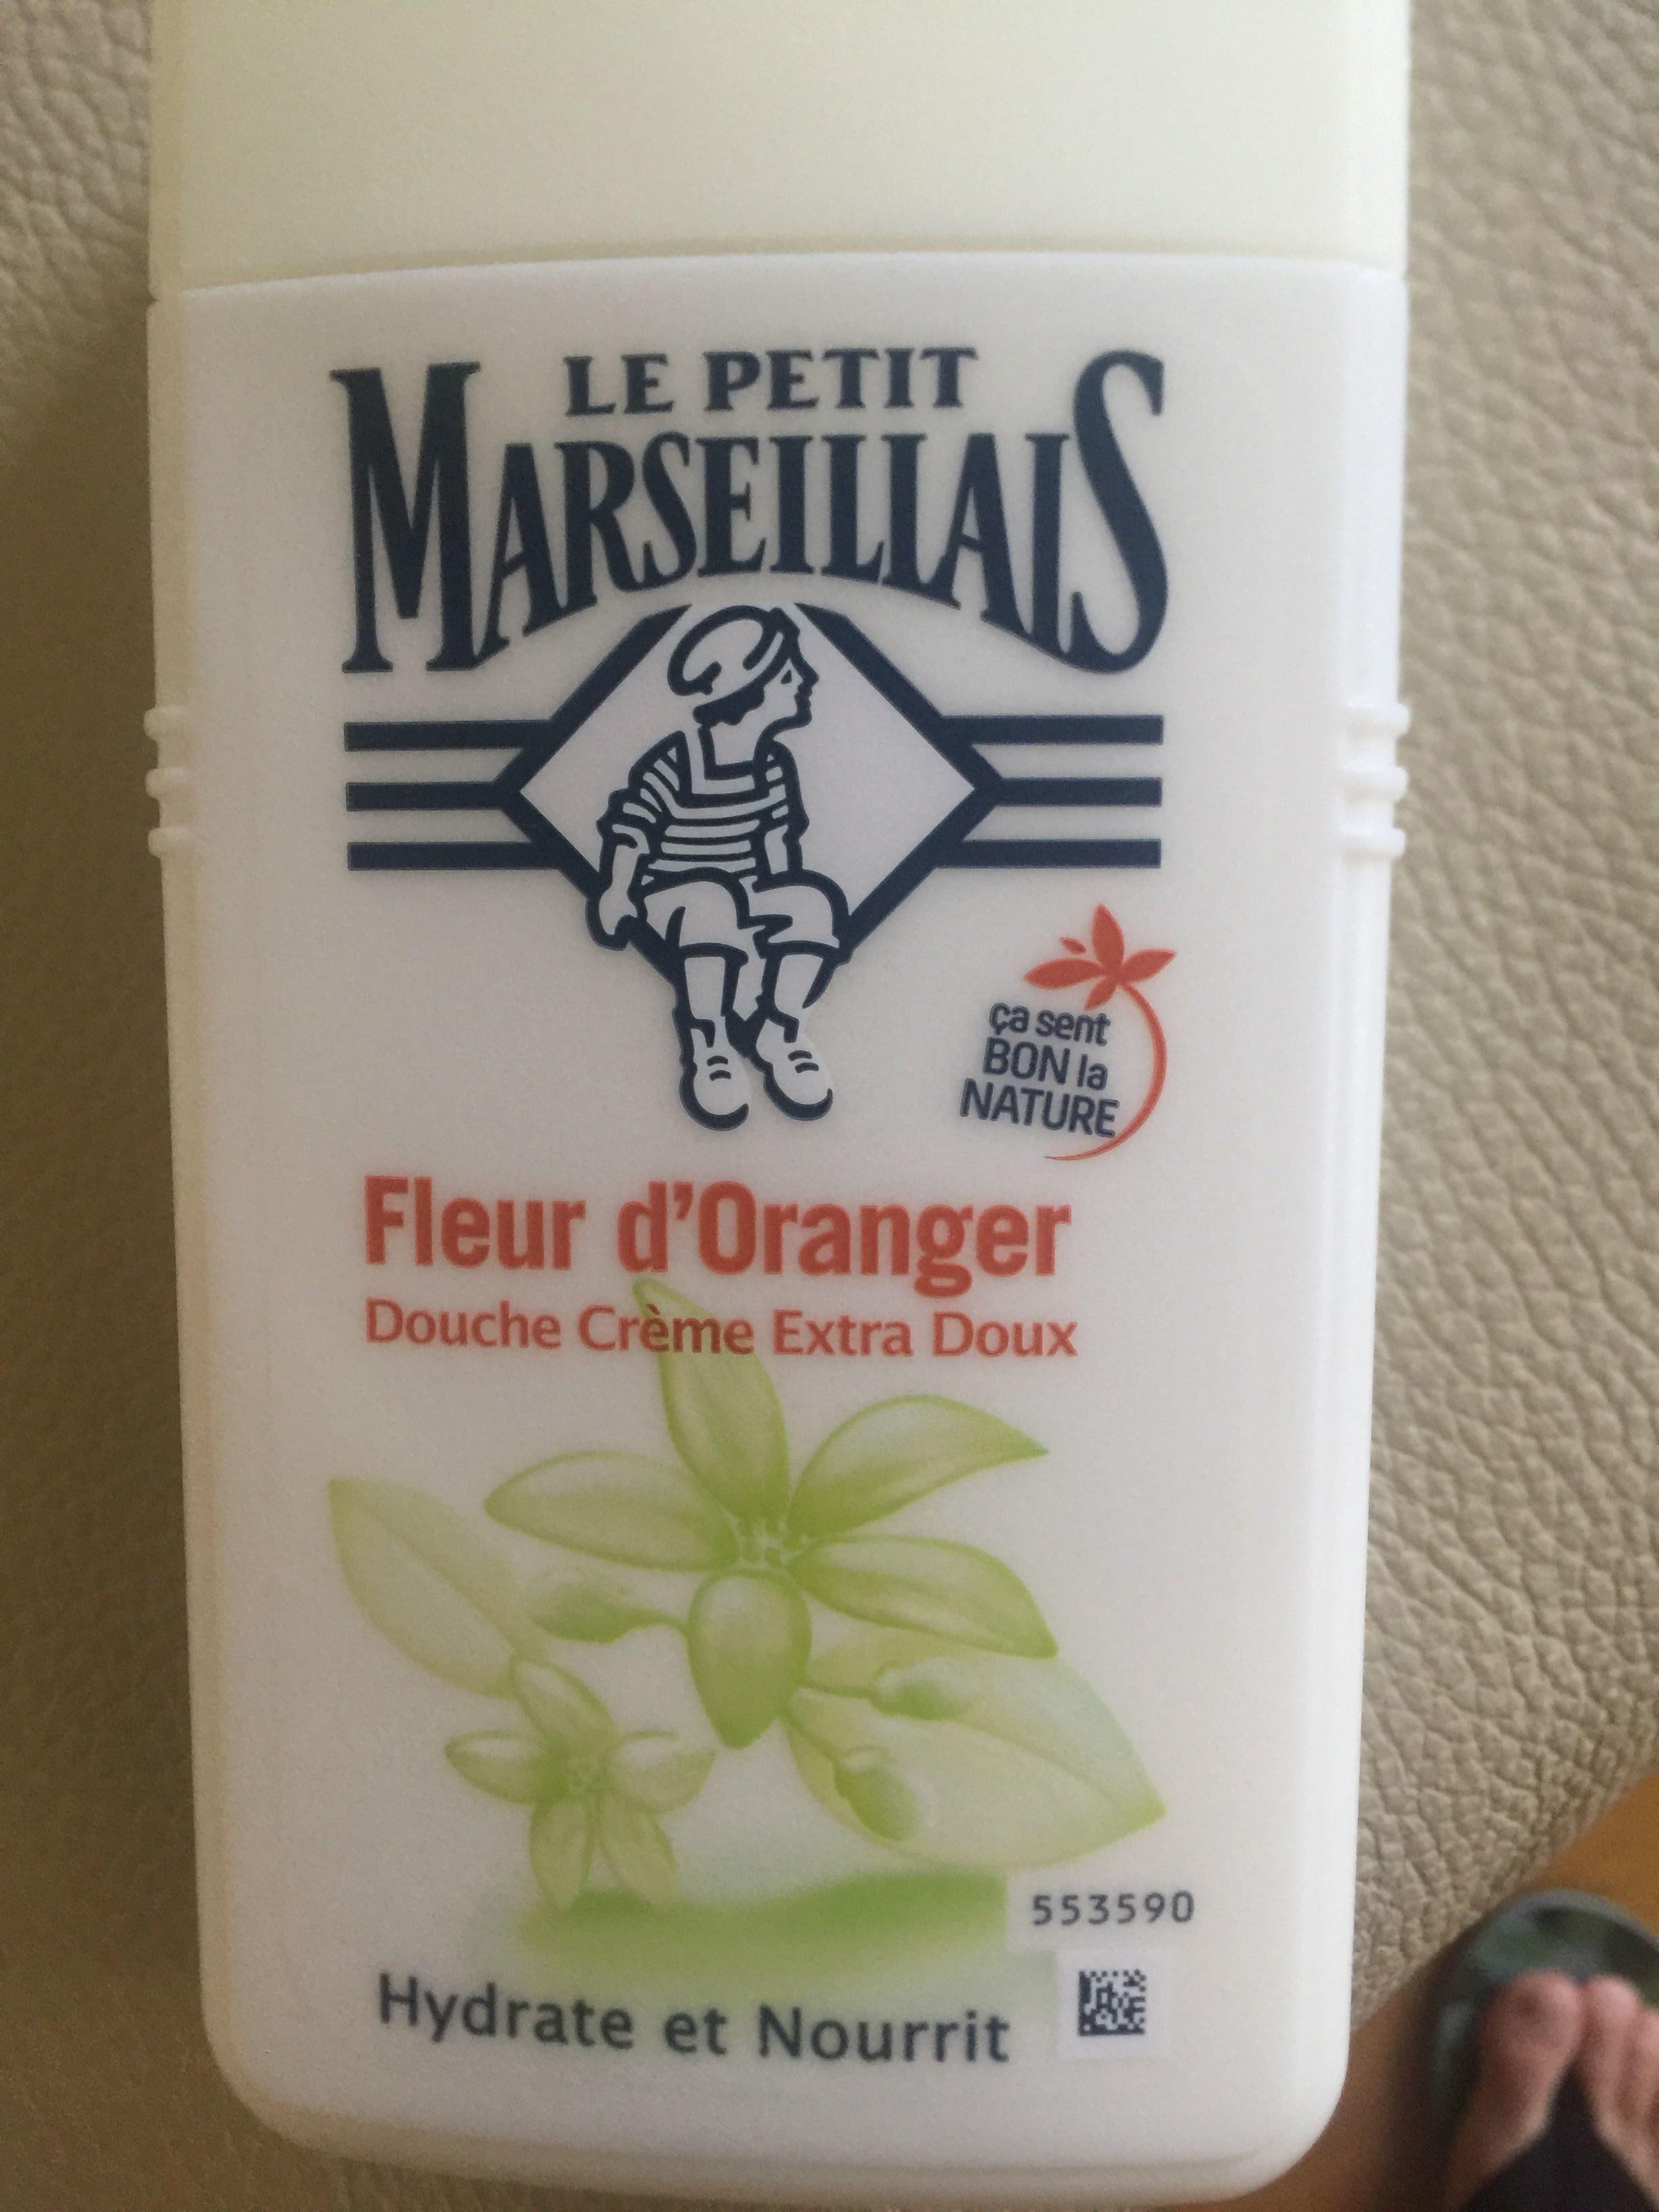 Douche crème - Product - fr